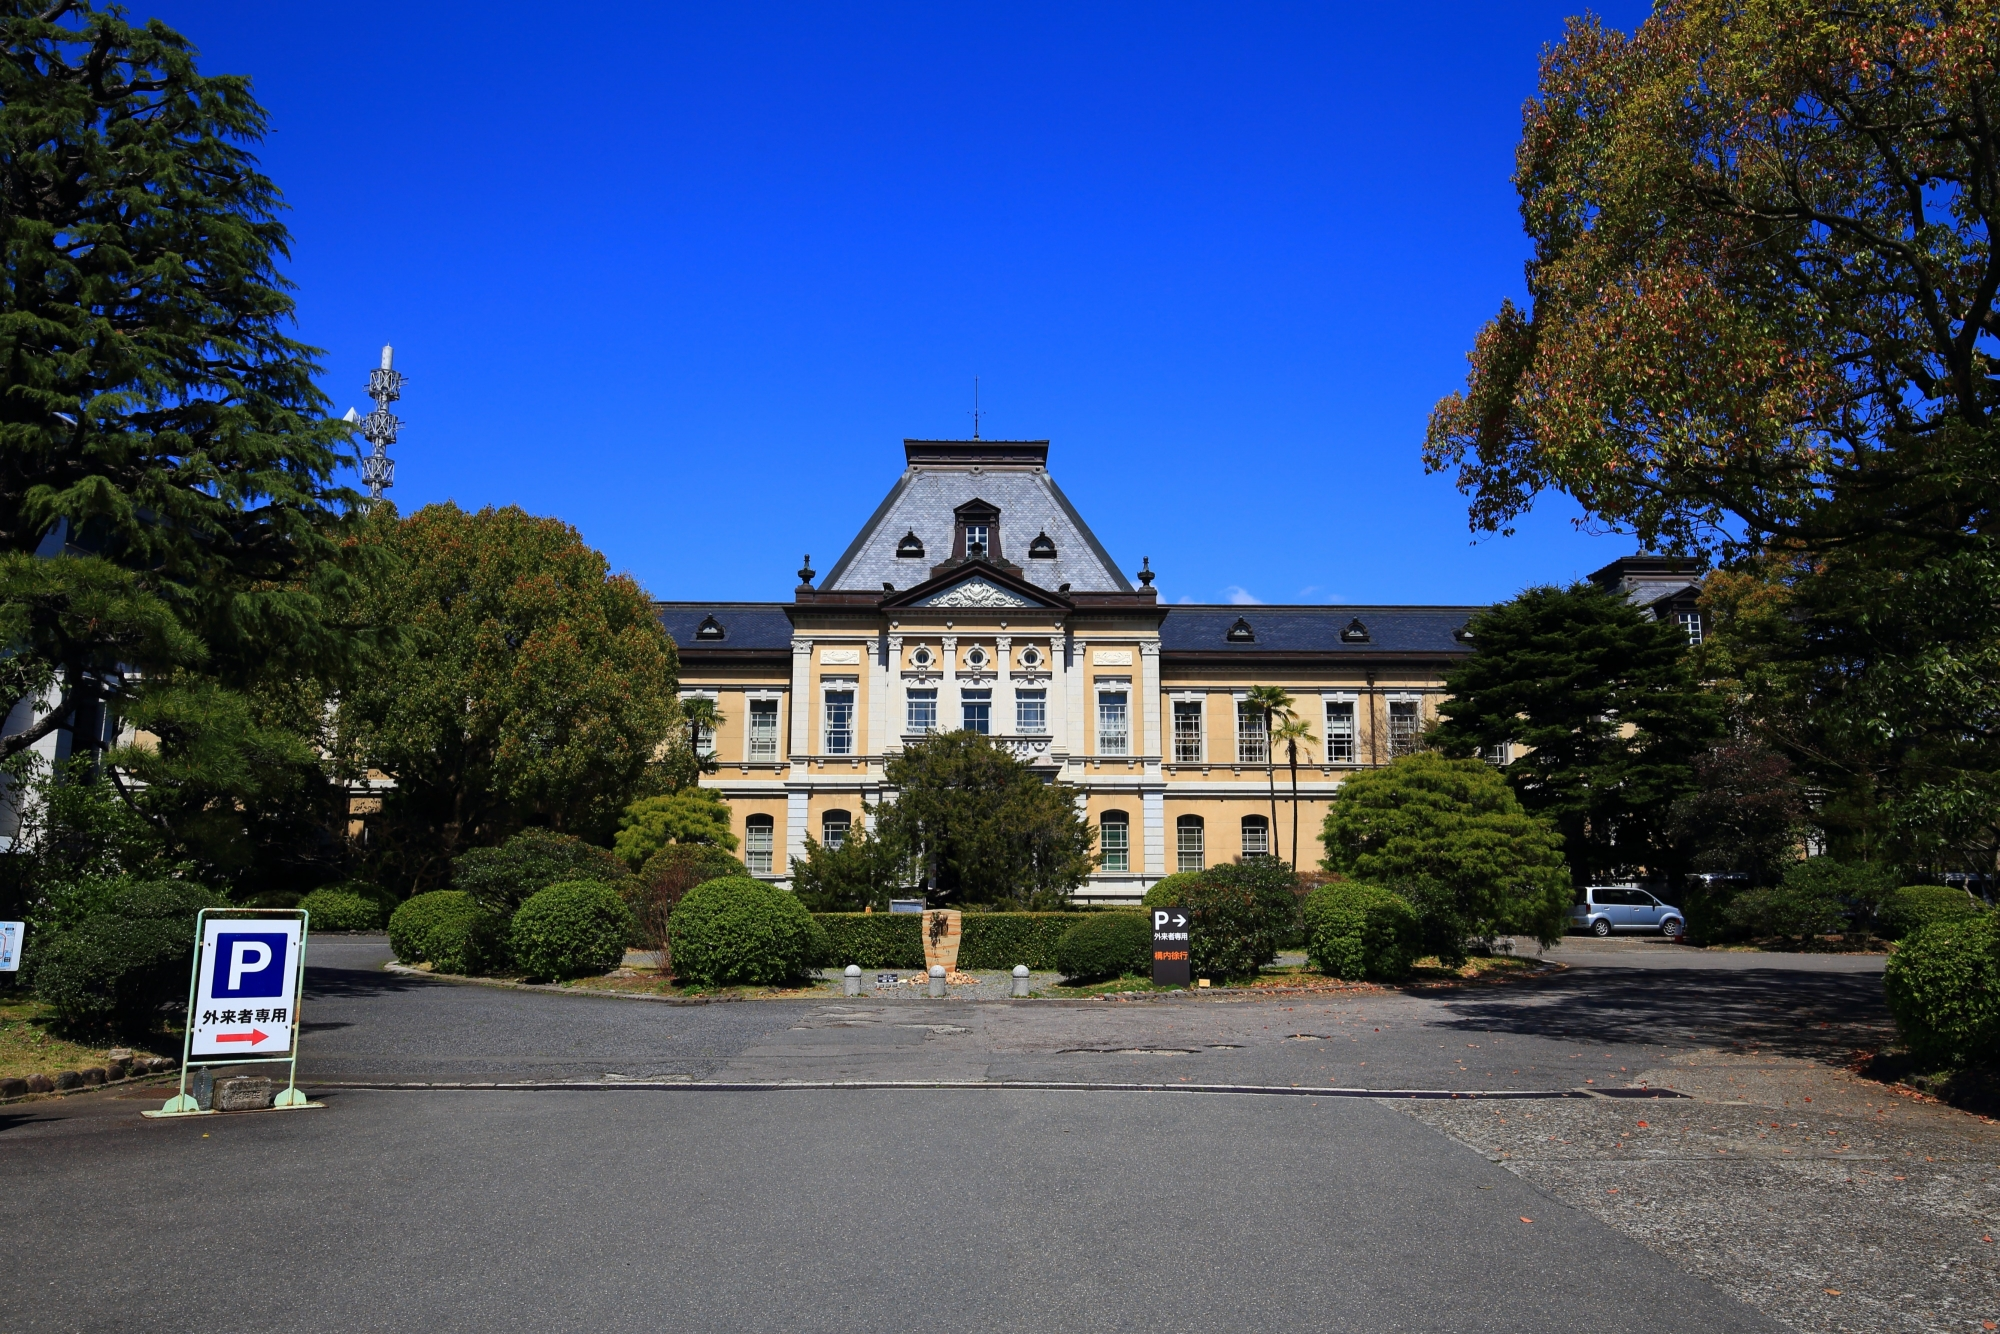 京都府庁旧本館の正面